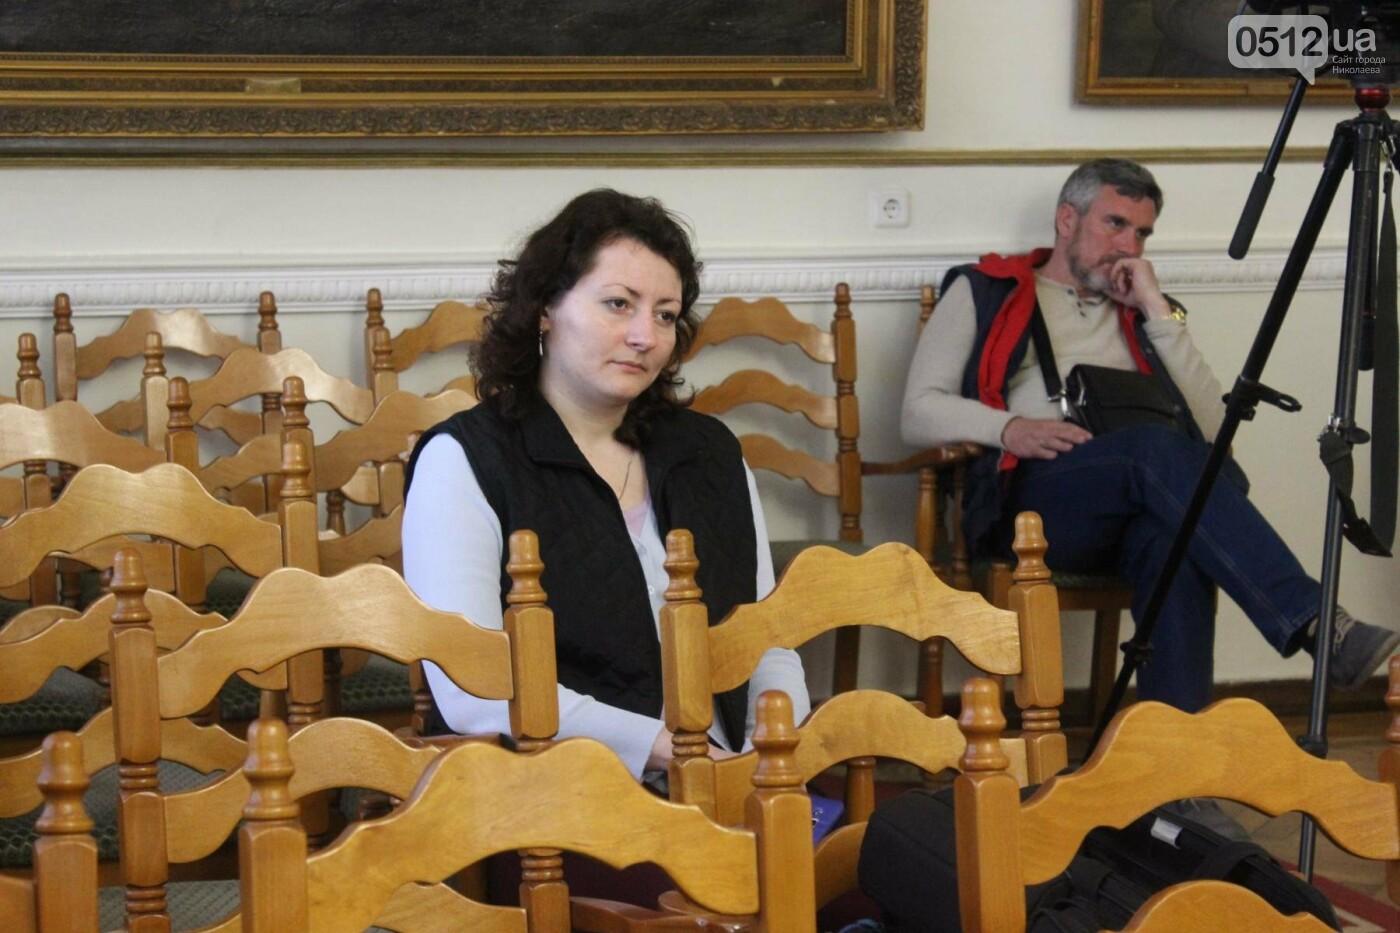 В Николаевском художественном музее рассказали, как подделывать картины, - ФОТО, фото-9